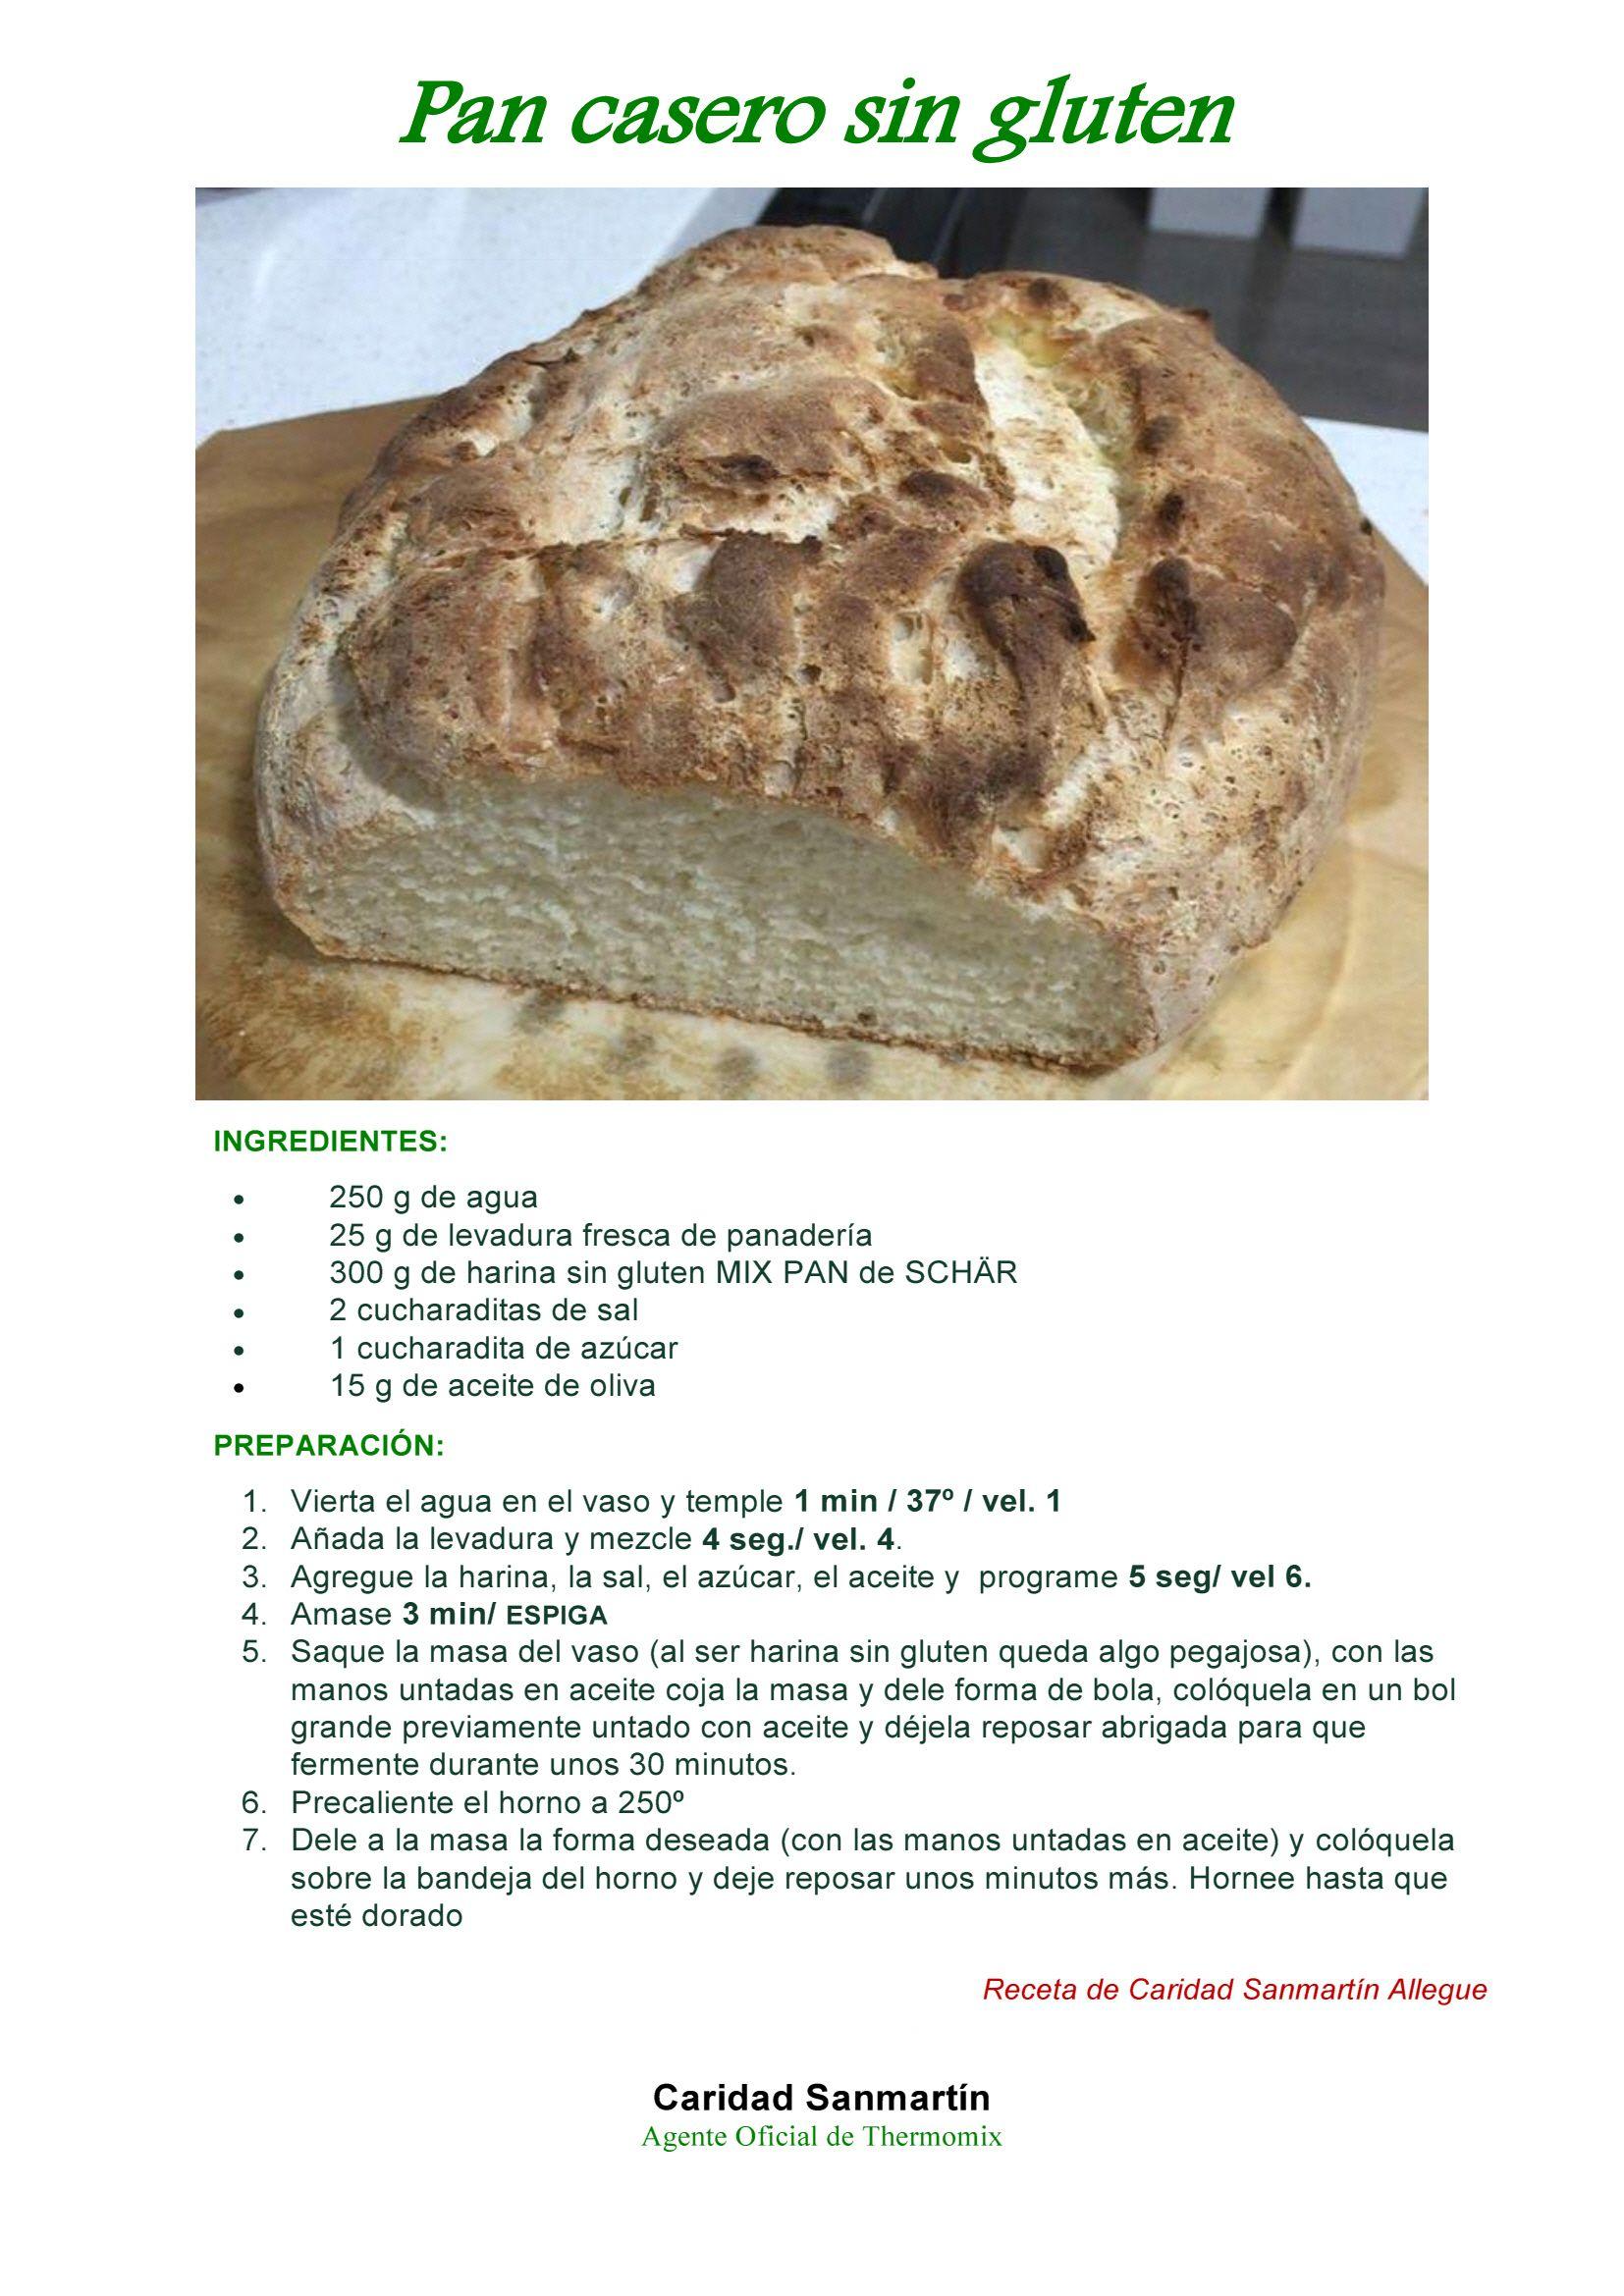 Recetas Para Celiacos Con Thermomix Pan Casero Sin Gluten